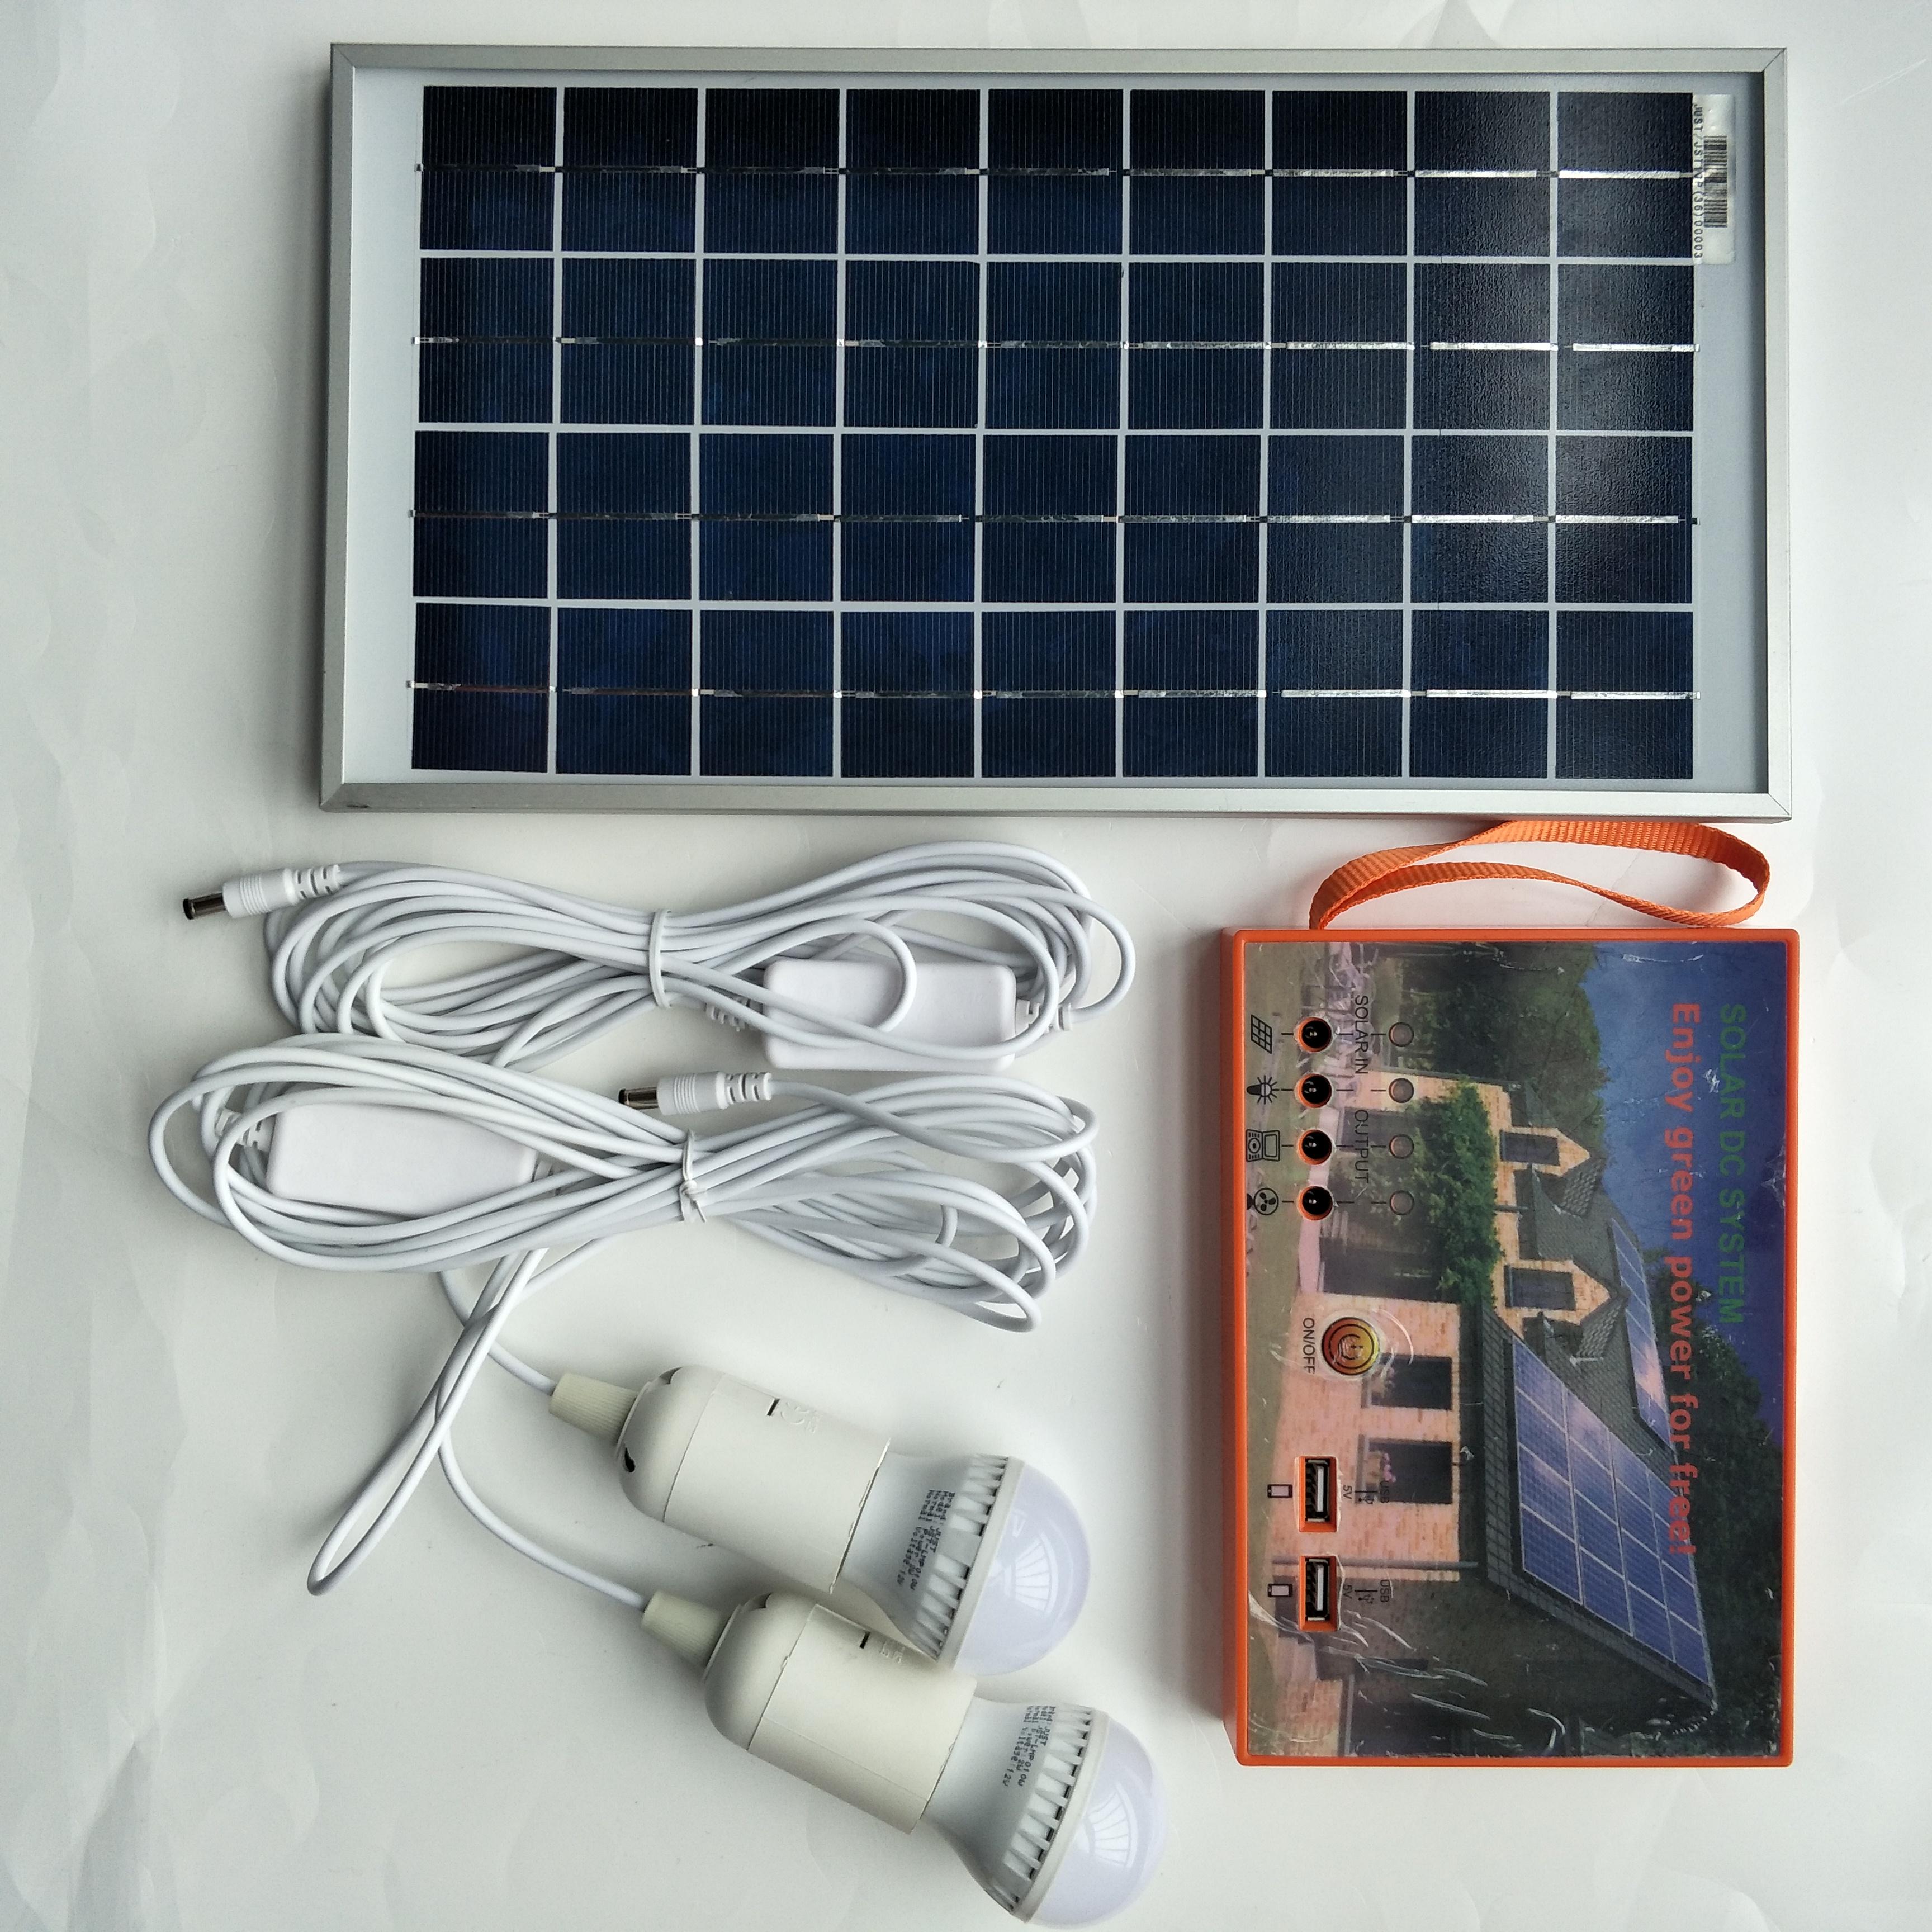 Lampe Energie Solaire Interieur lampe led À Énergie solaire lampe chauffante pour intérieur et extérieur -  buy lampe solaire,lampe solaire,lampe thermique À Énergie solaire product